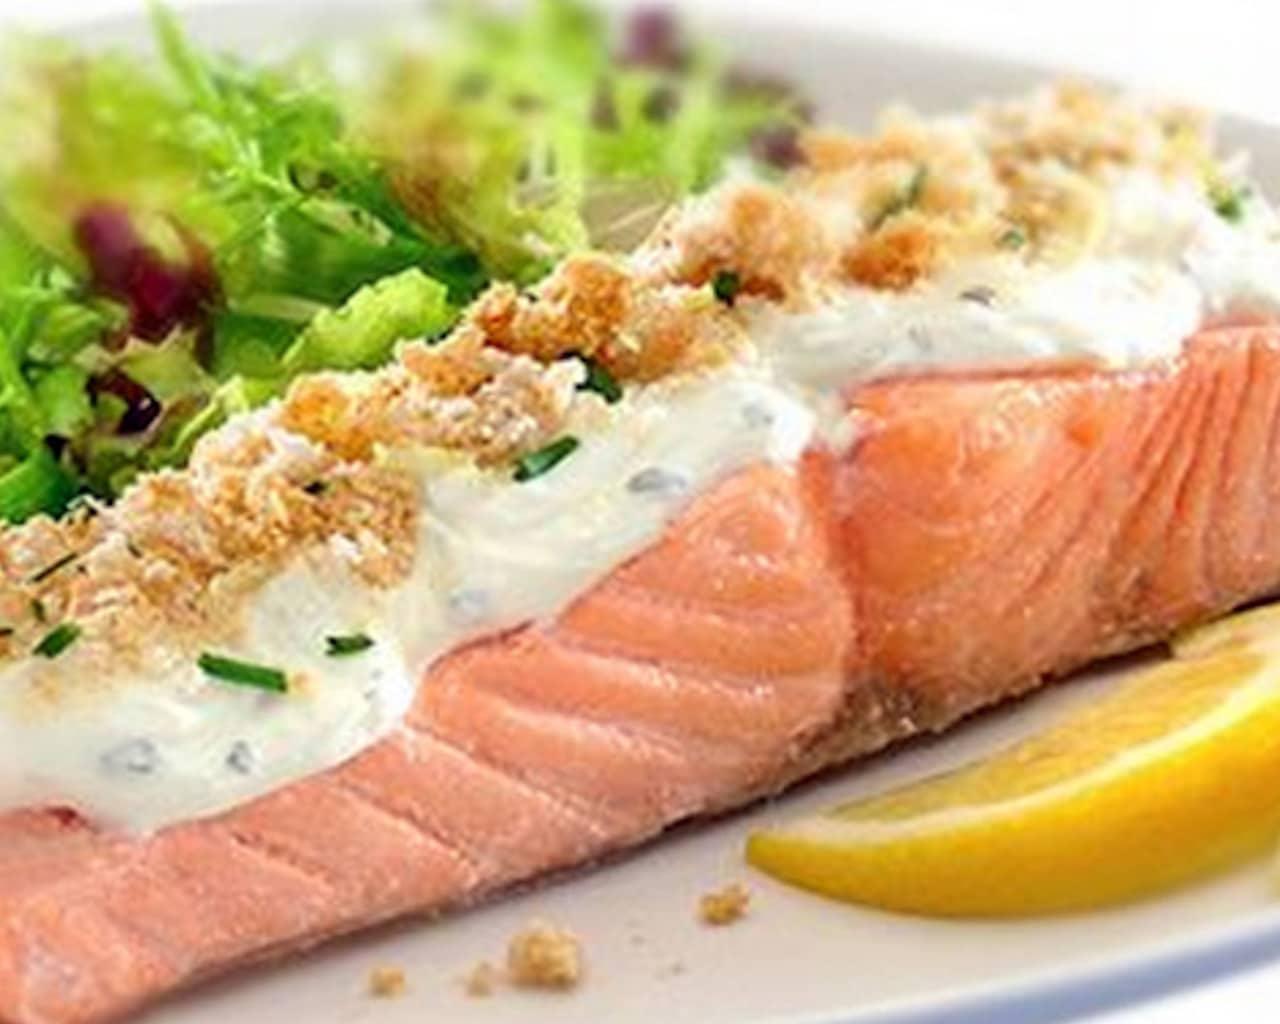 σολομος μαγειρεμα,σολομος,σολομος ψαρι,σολομος ψαρι στο φουρνο,ψαρι σολωμος συνταγη